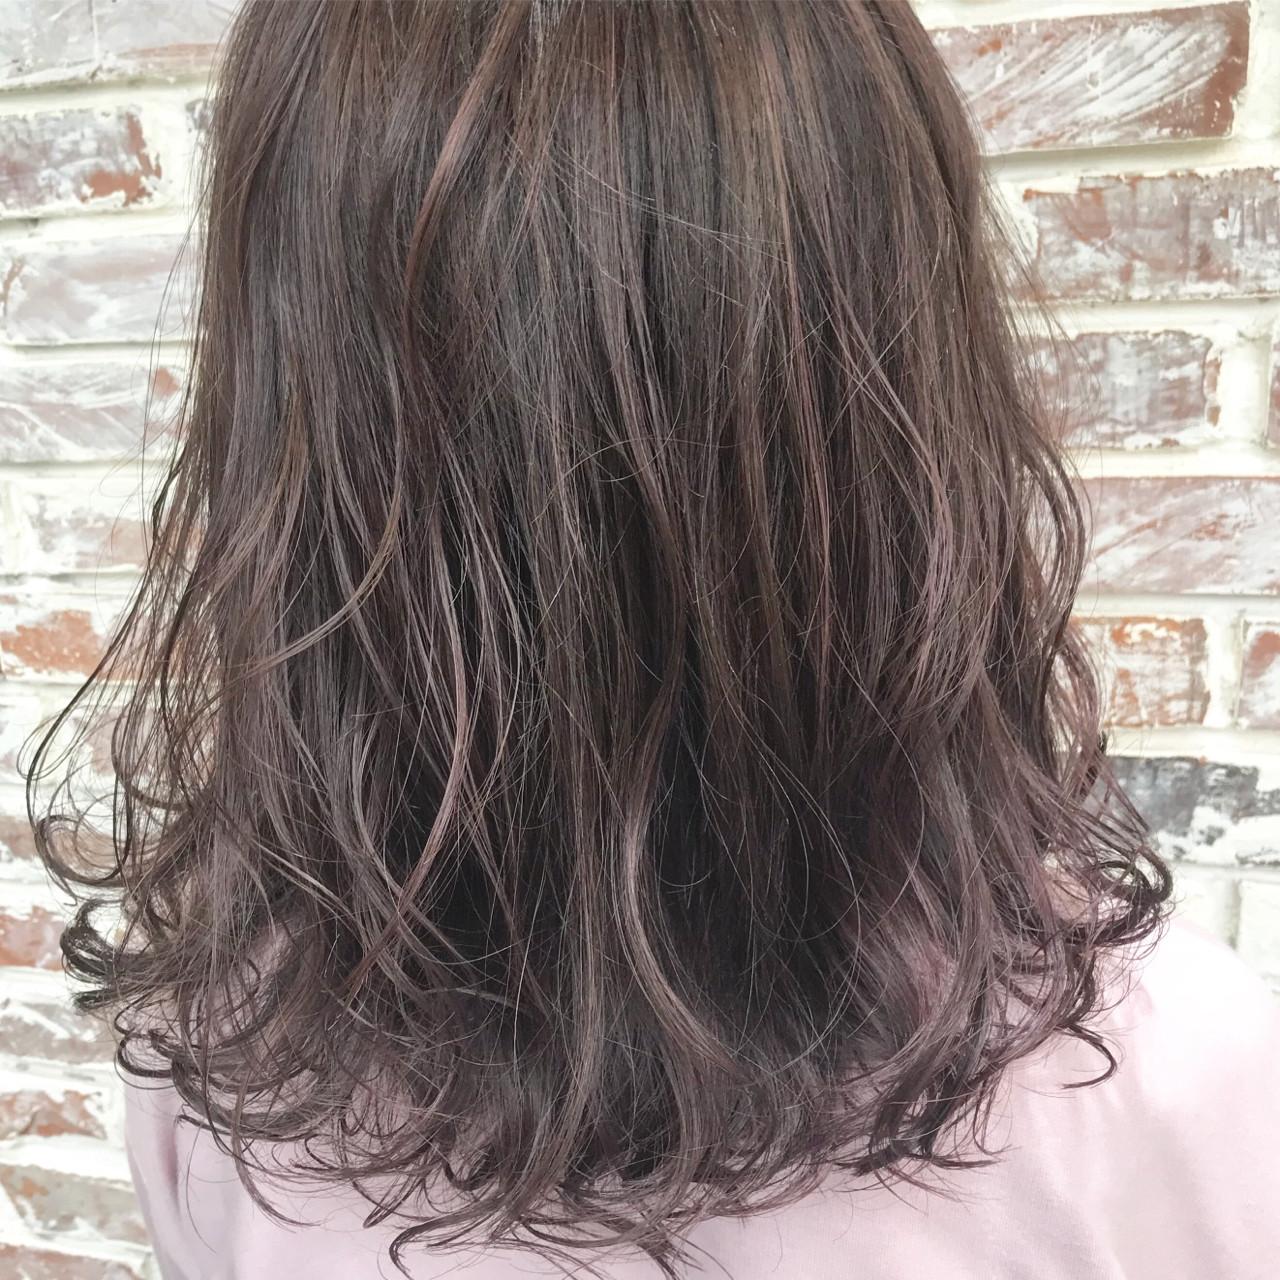 デート フェミニン グレージュ 前髪あり ヘアスタイルや髪型の写真・画像